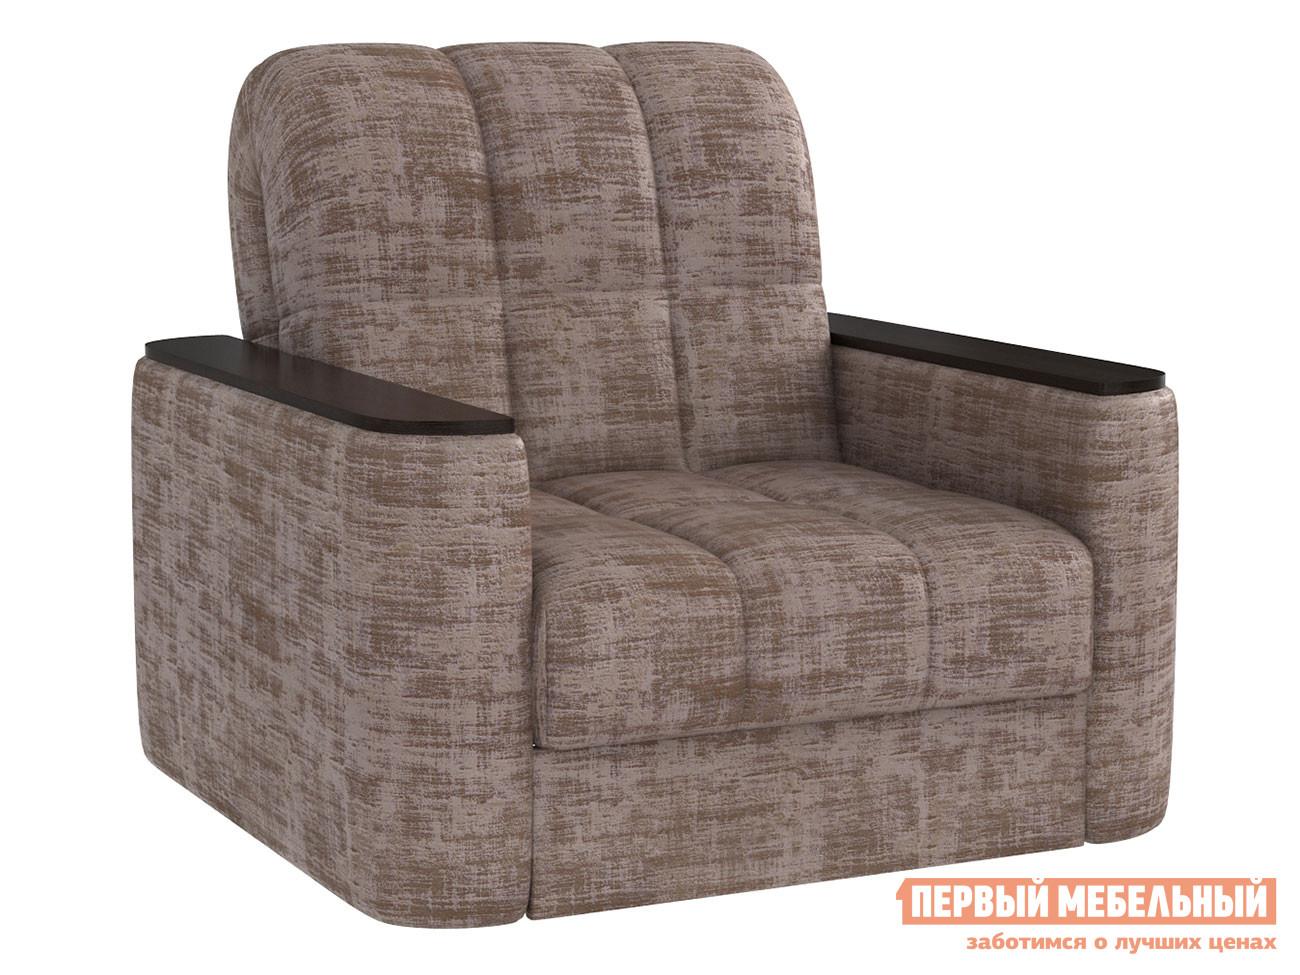 Кресло-кровать Первый Мебельный Кресло-кровать Лукас / Кресло-кровать Лукас Люкс